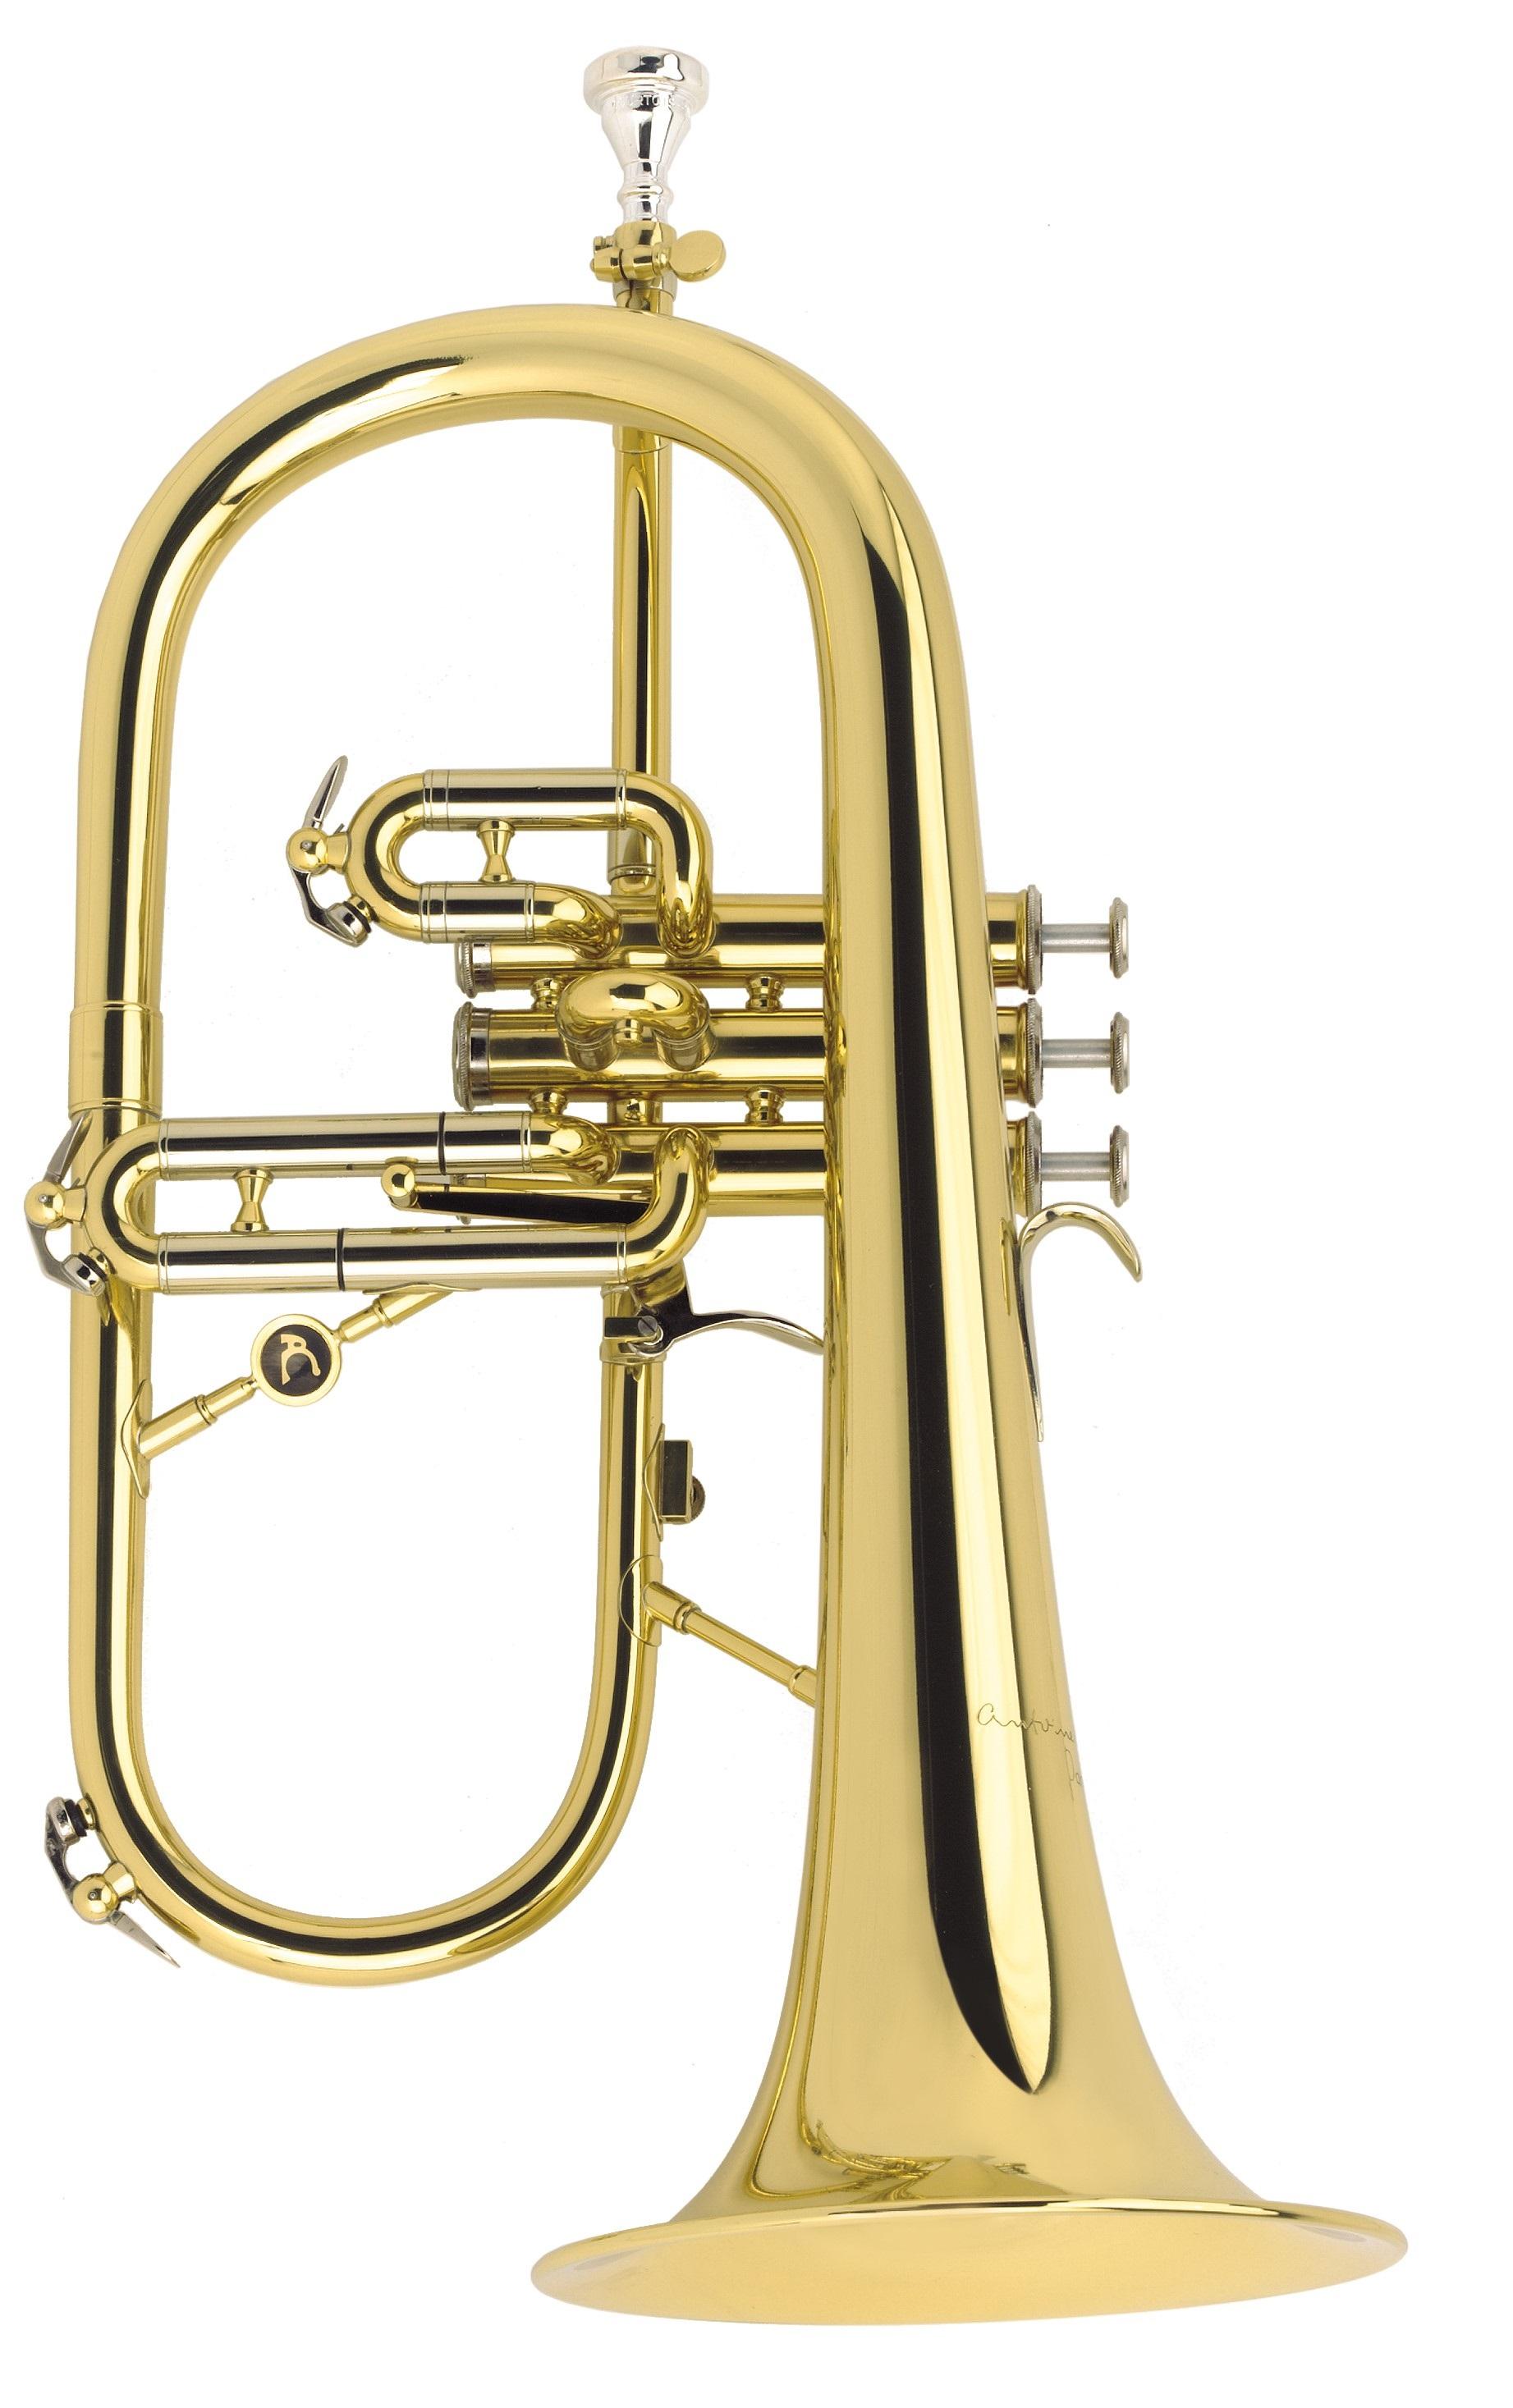 Courtois - AC - 154 - 1 - 0 - Blechblasinstrumente - Flügelhörner | MUSIK BERTRAM Deutschland Freiburg